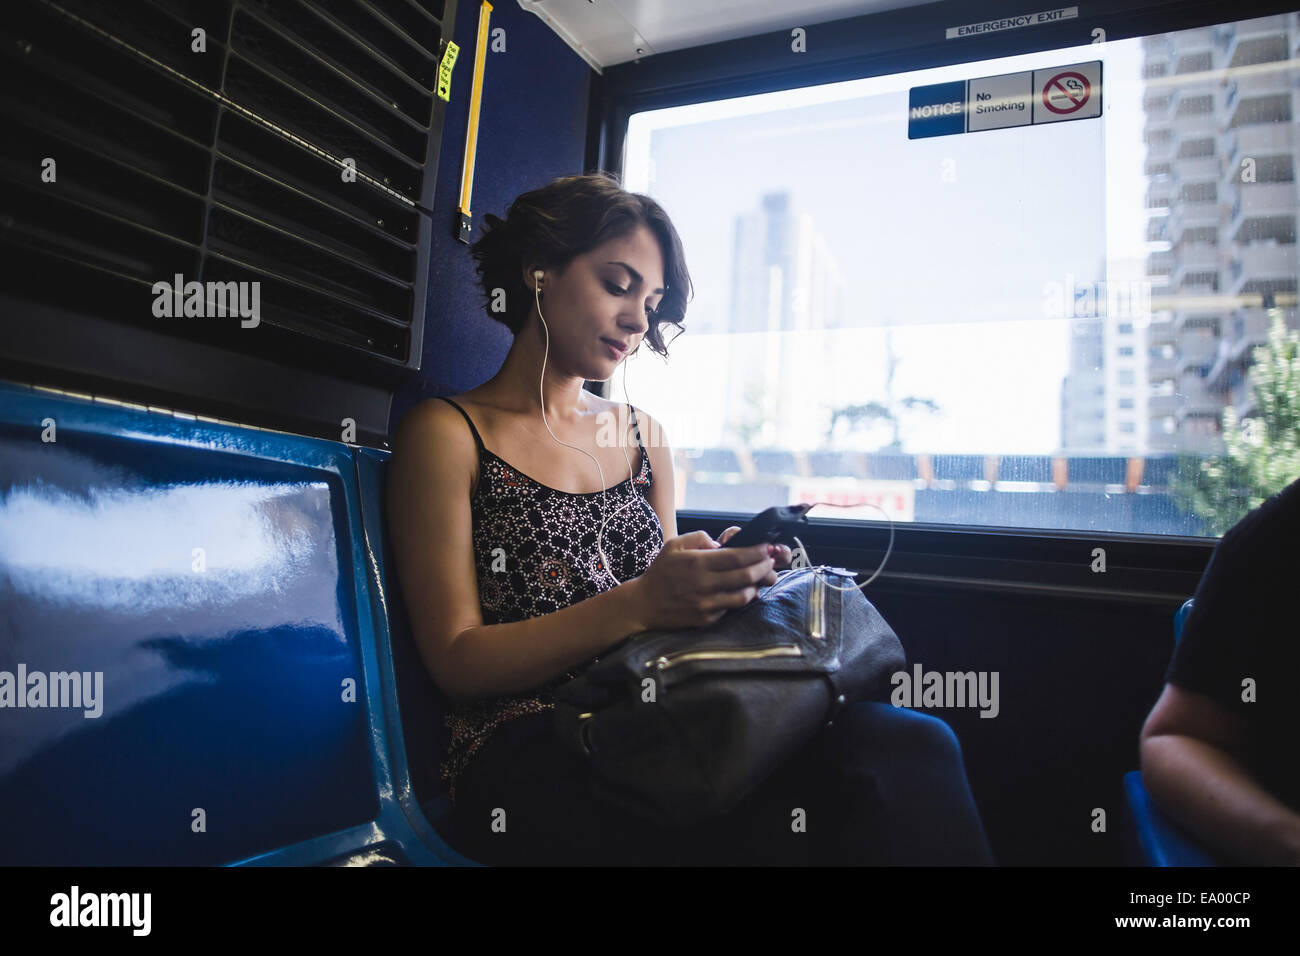 Jeune femme la navette de bus sur l'écoute de musique sur smartphone, New York, États-Unis Photo Stock